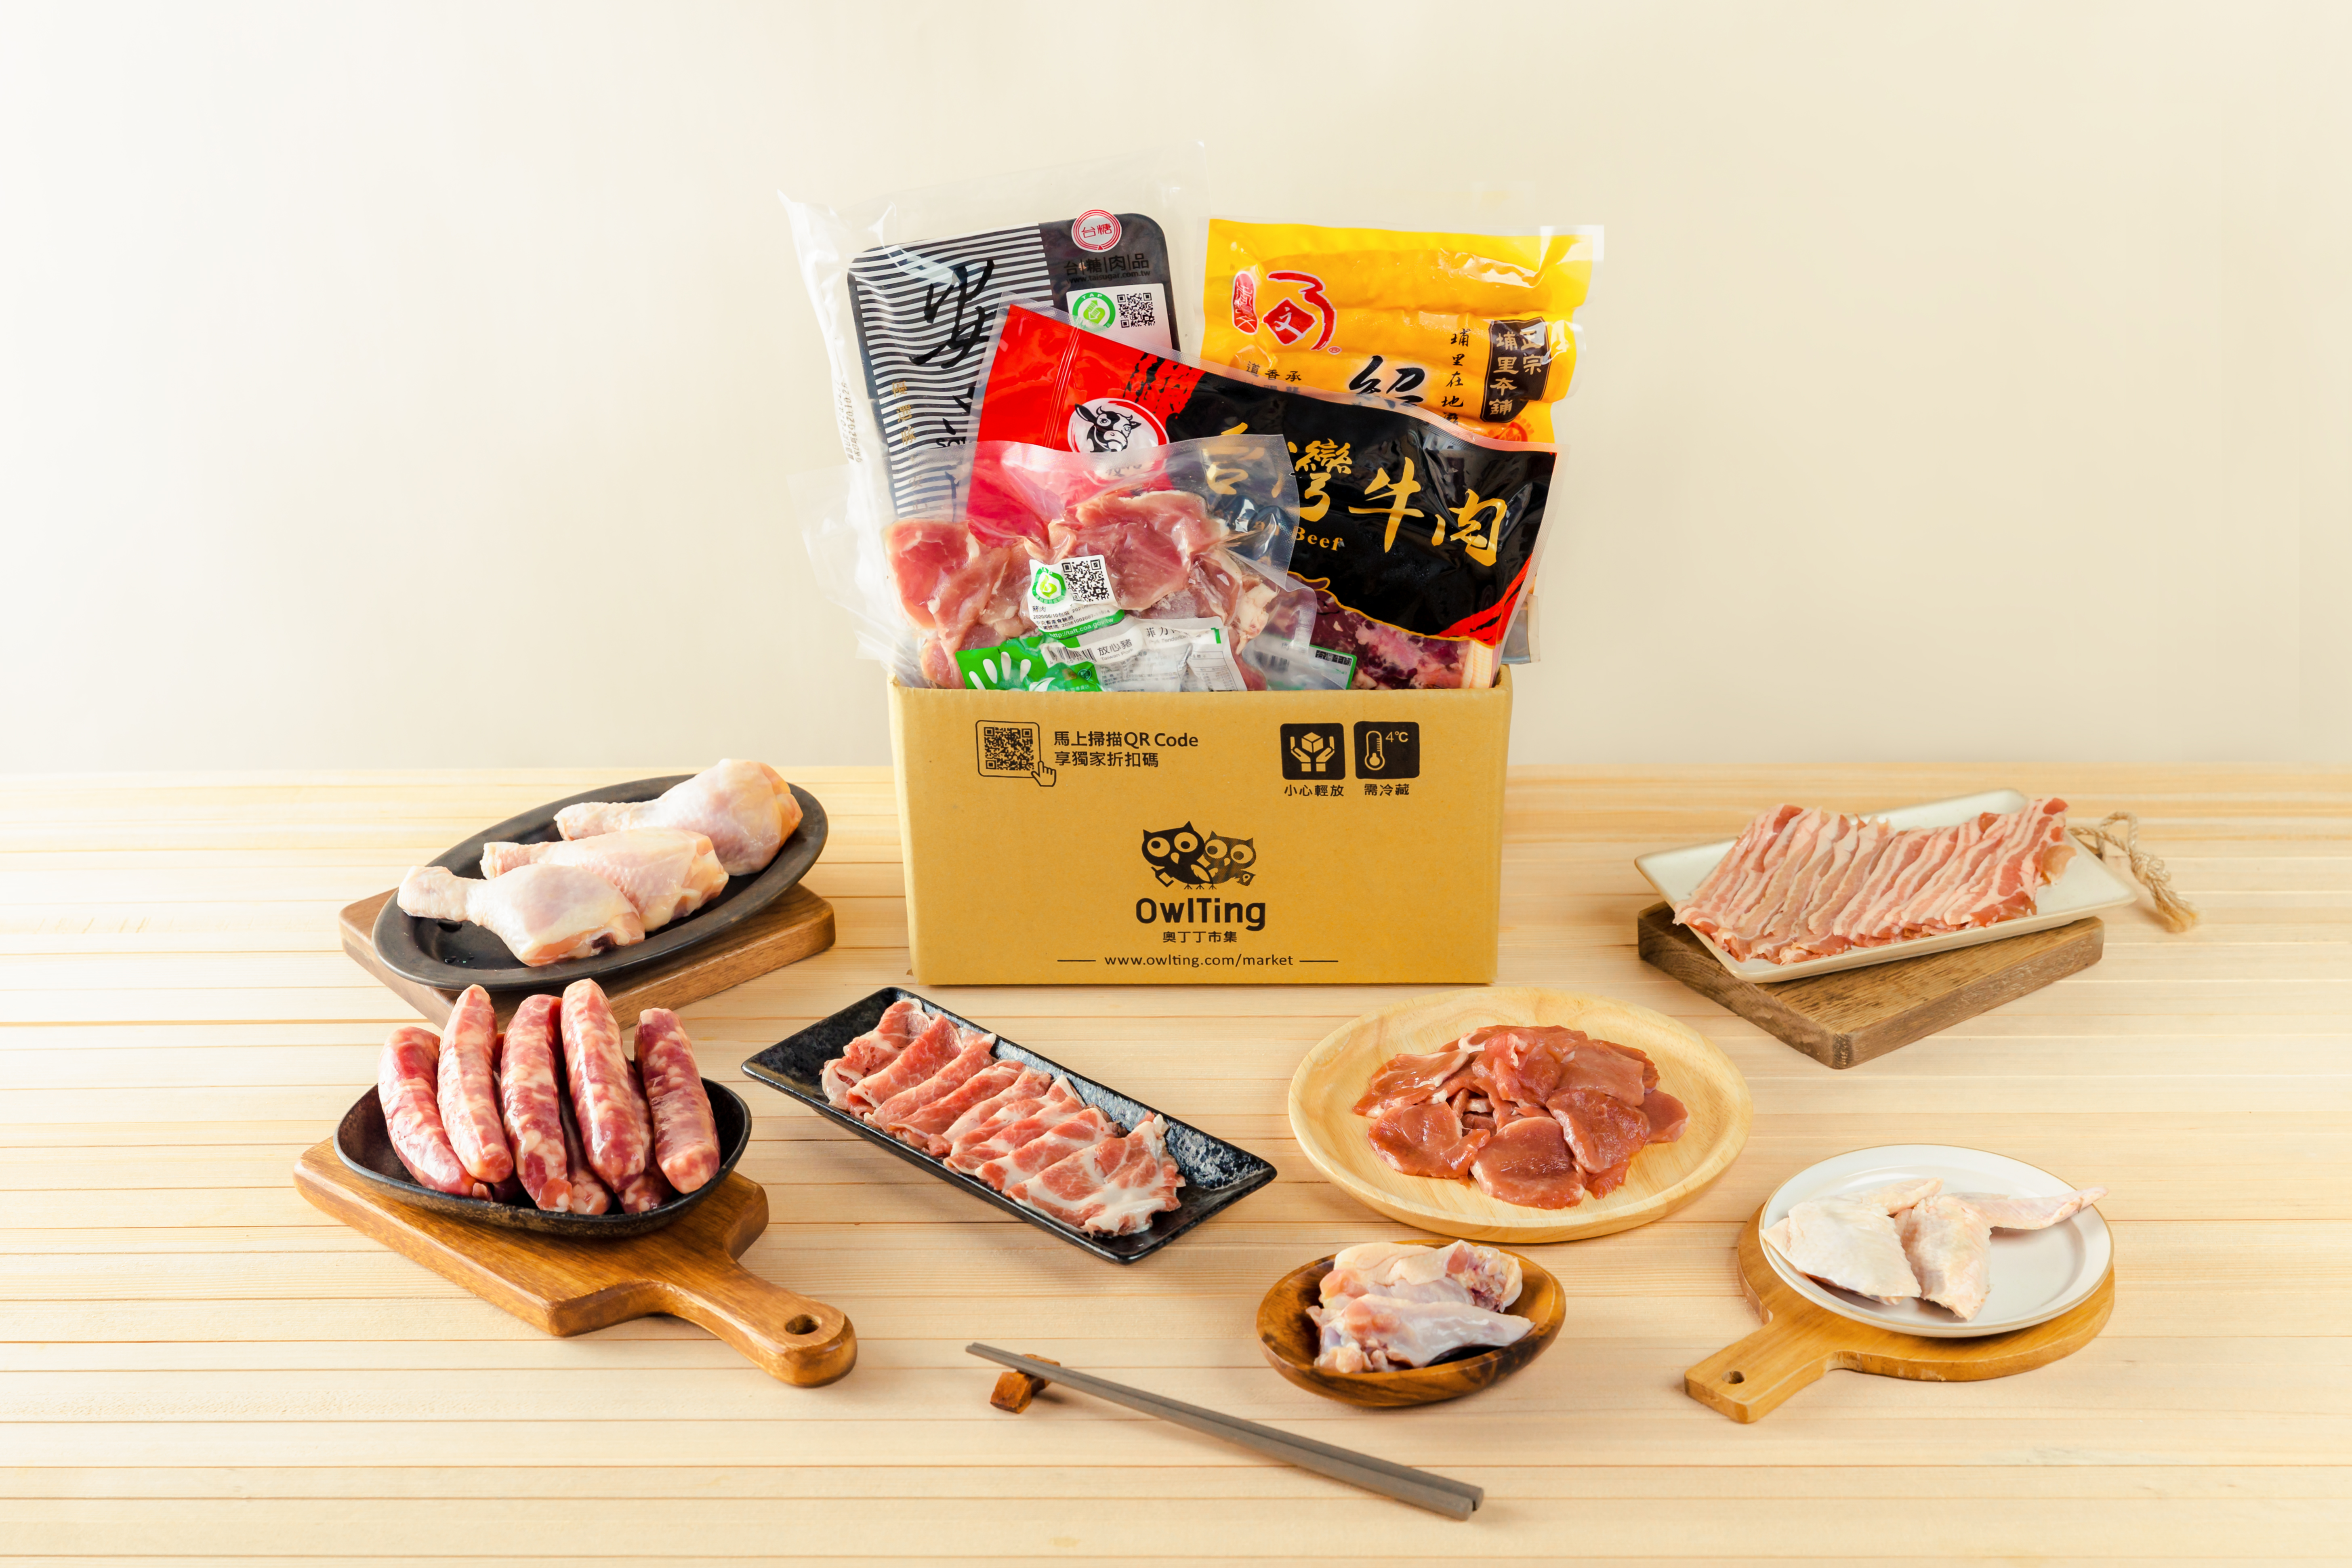 【圖五】奧丁丁市集獨家限定中秋烤肉箱-豐盛陸地箱